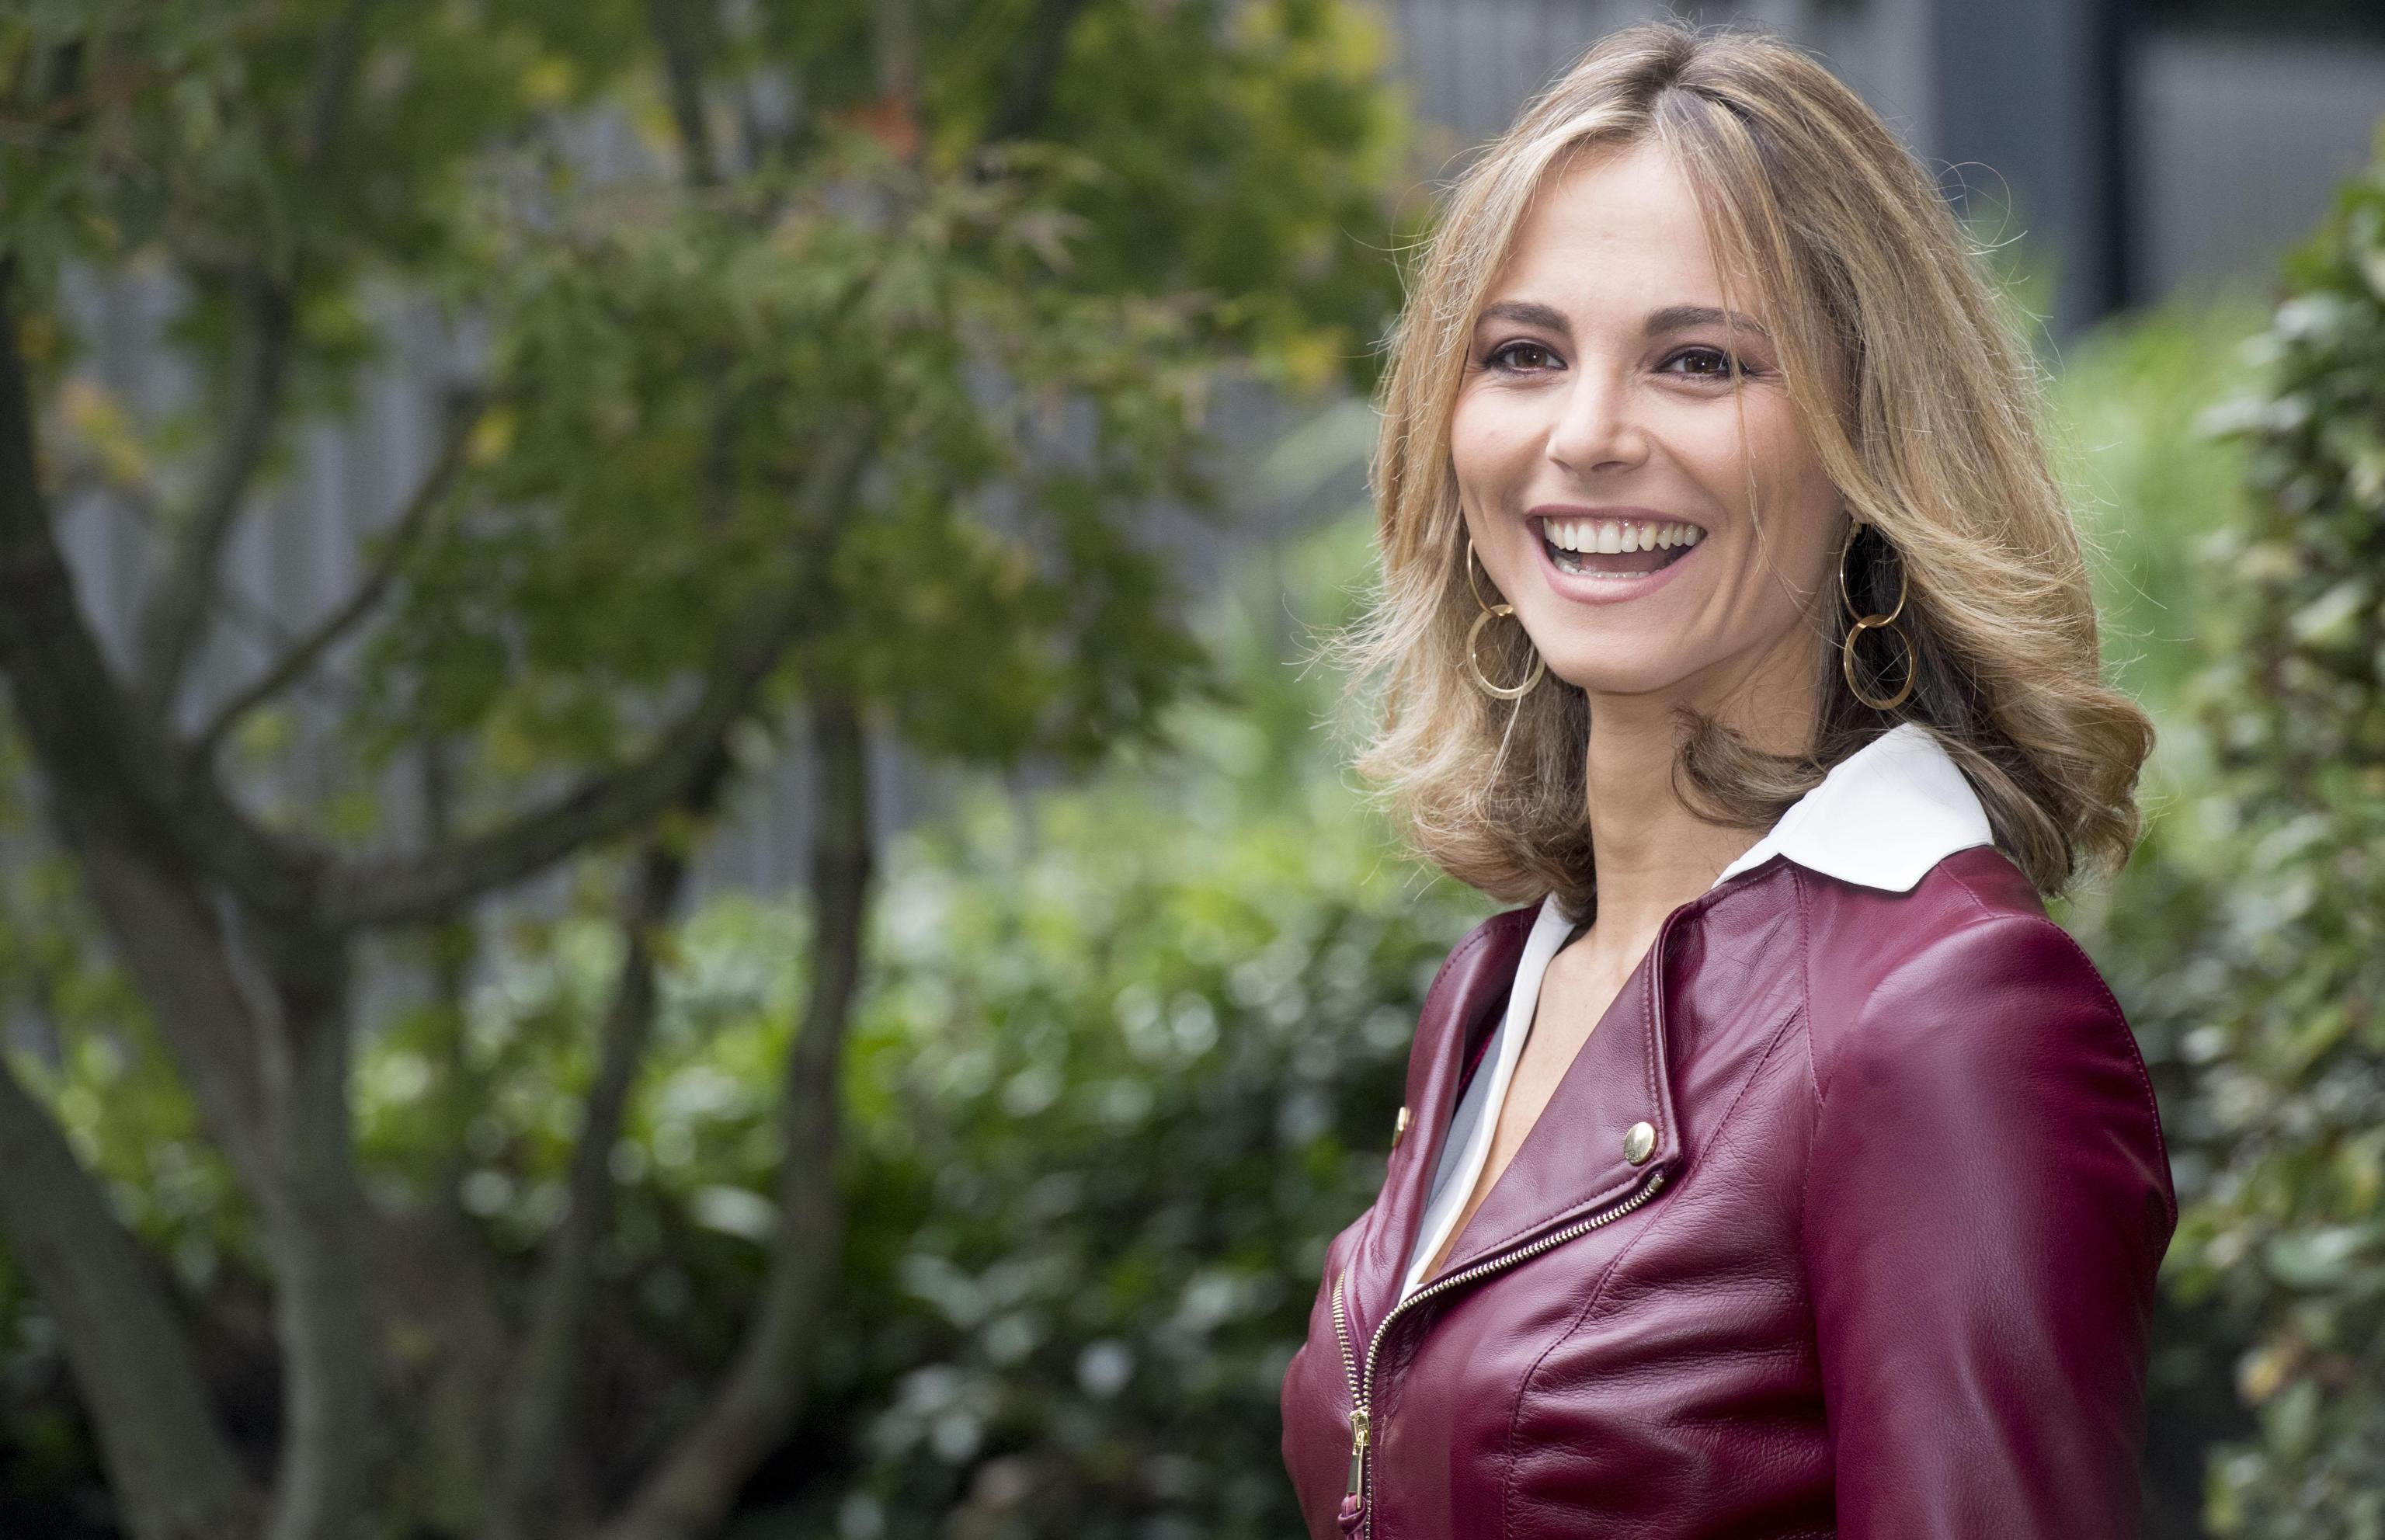 Francesca Fialdini al Festival di Sanremo 2018? La smentita